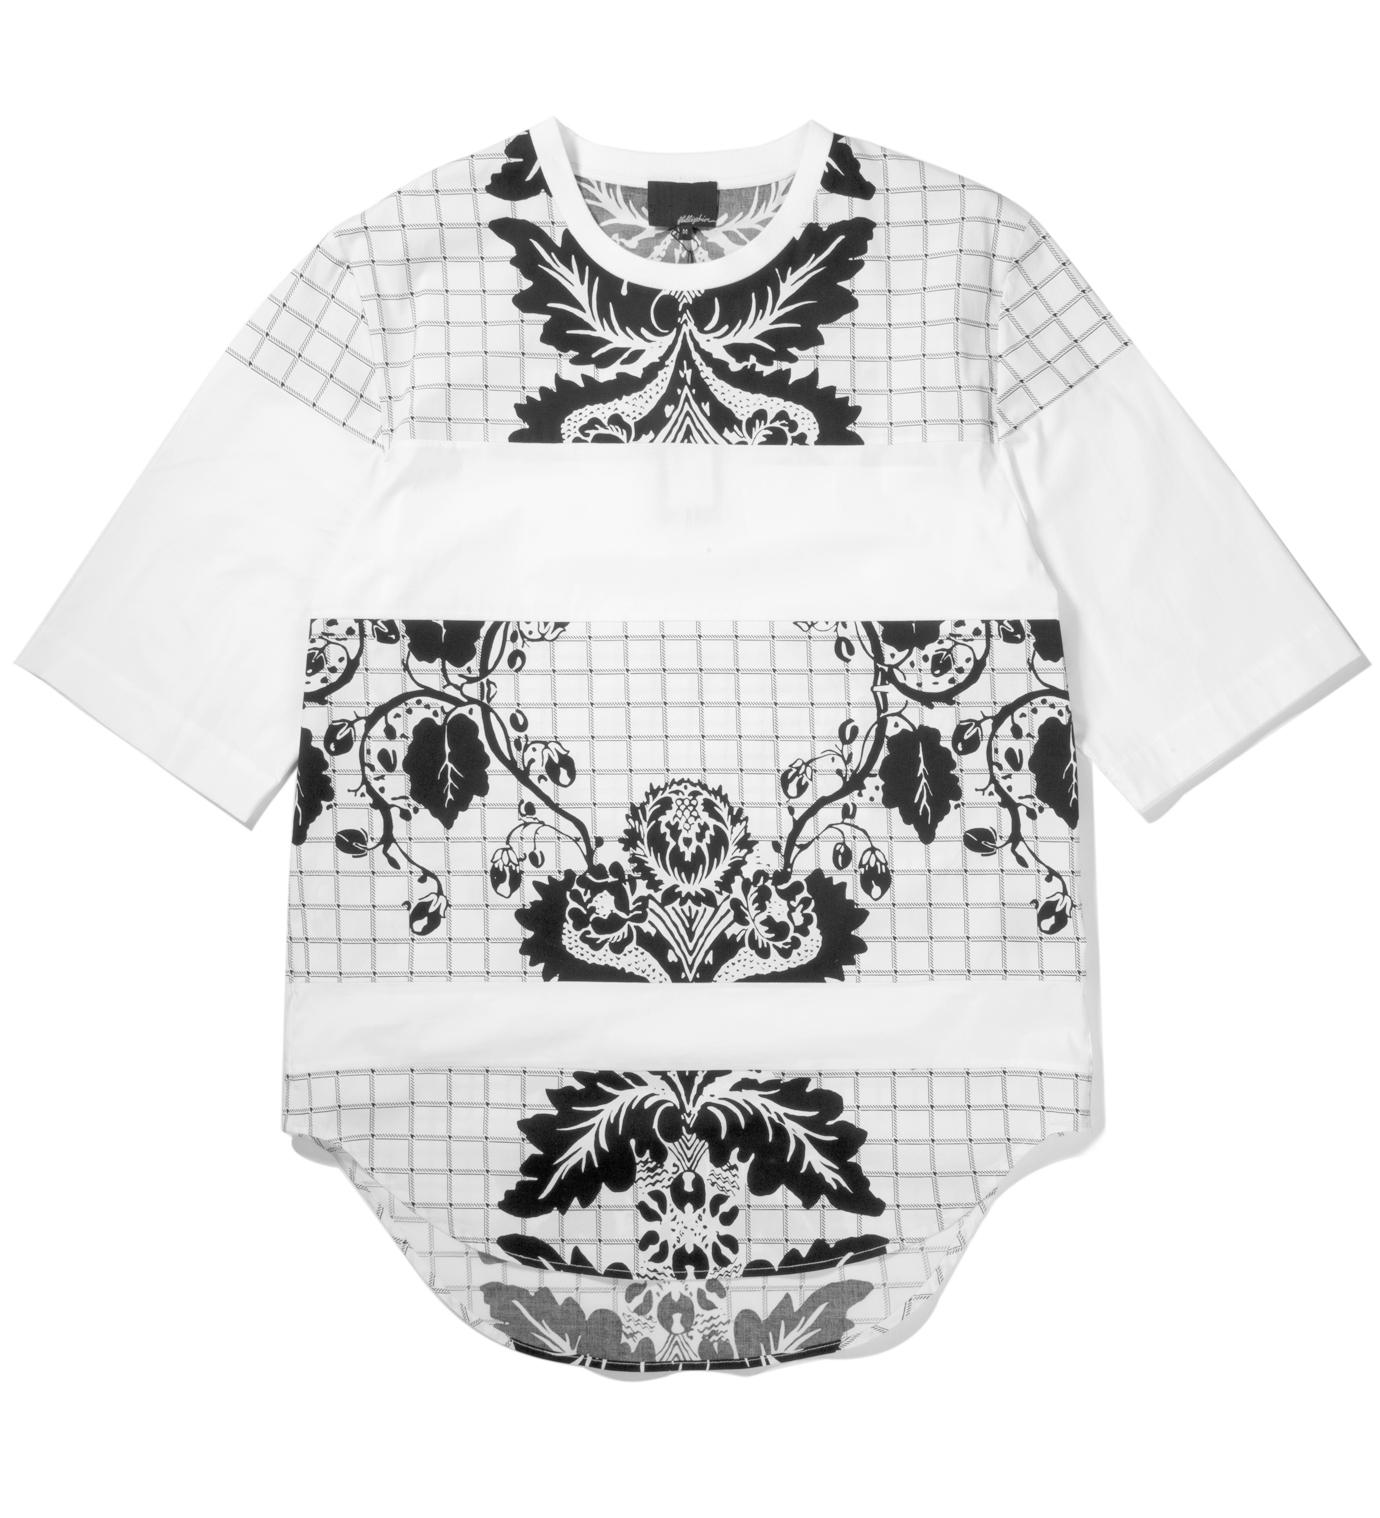 3.1 Phillip Lim Antique White Loose Fit Crewneck T-Shirt Paneled Seams